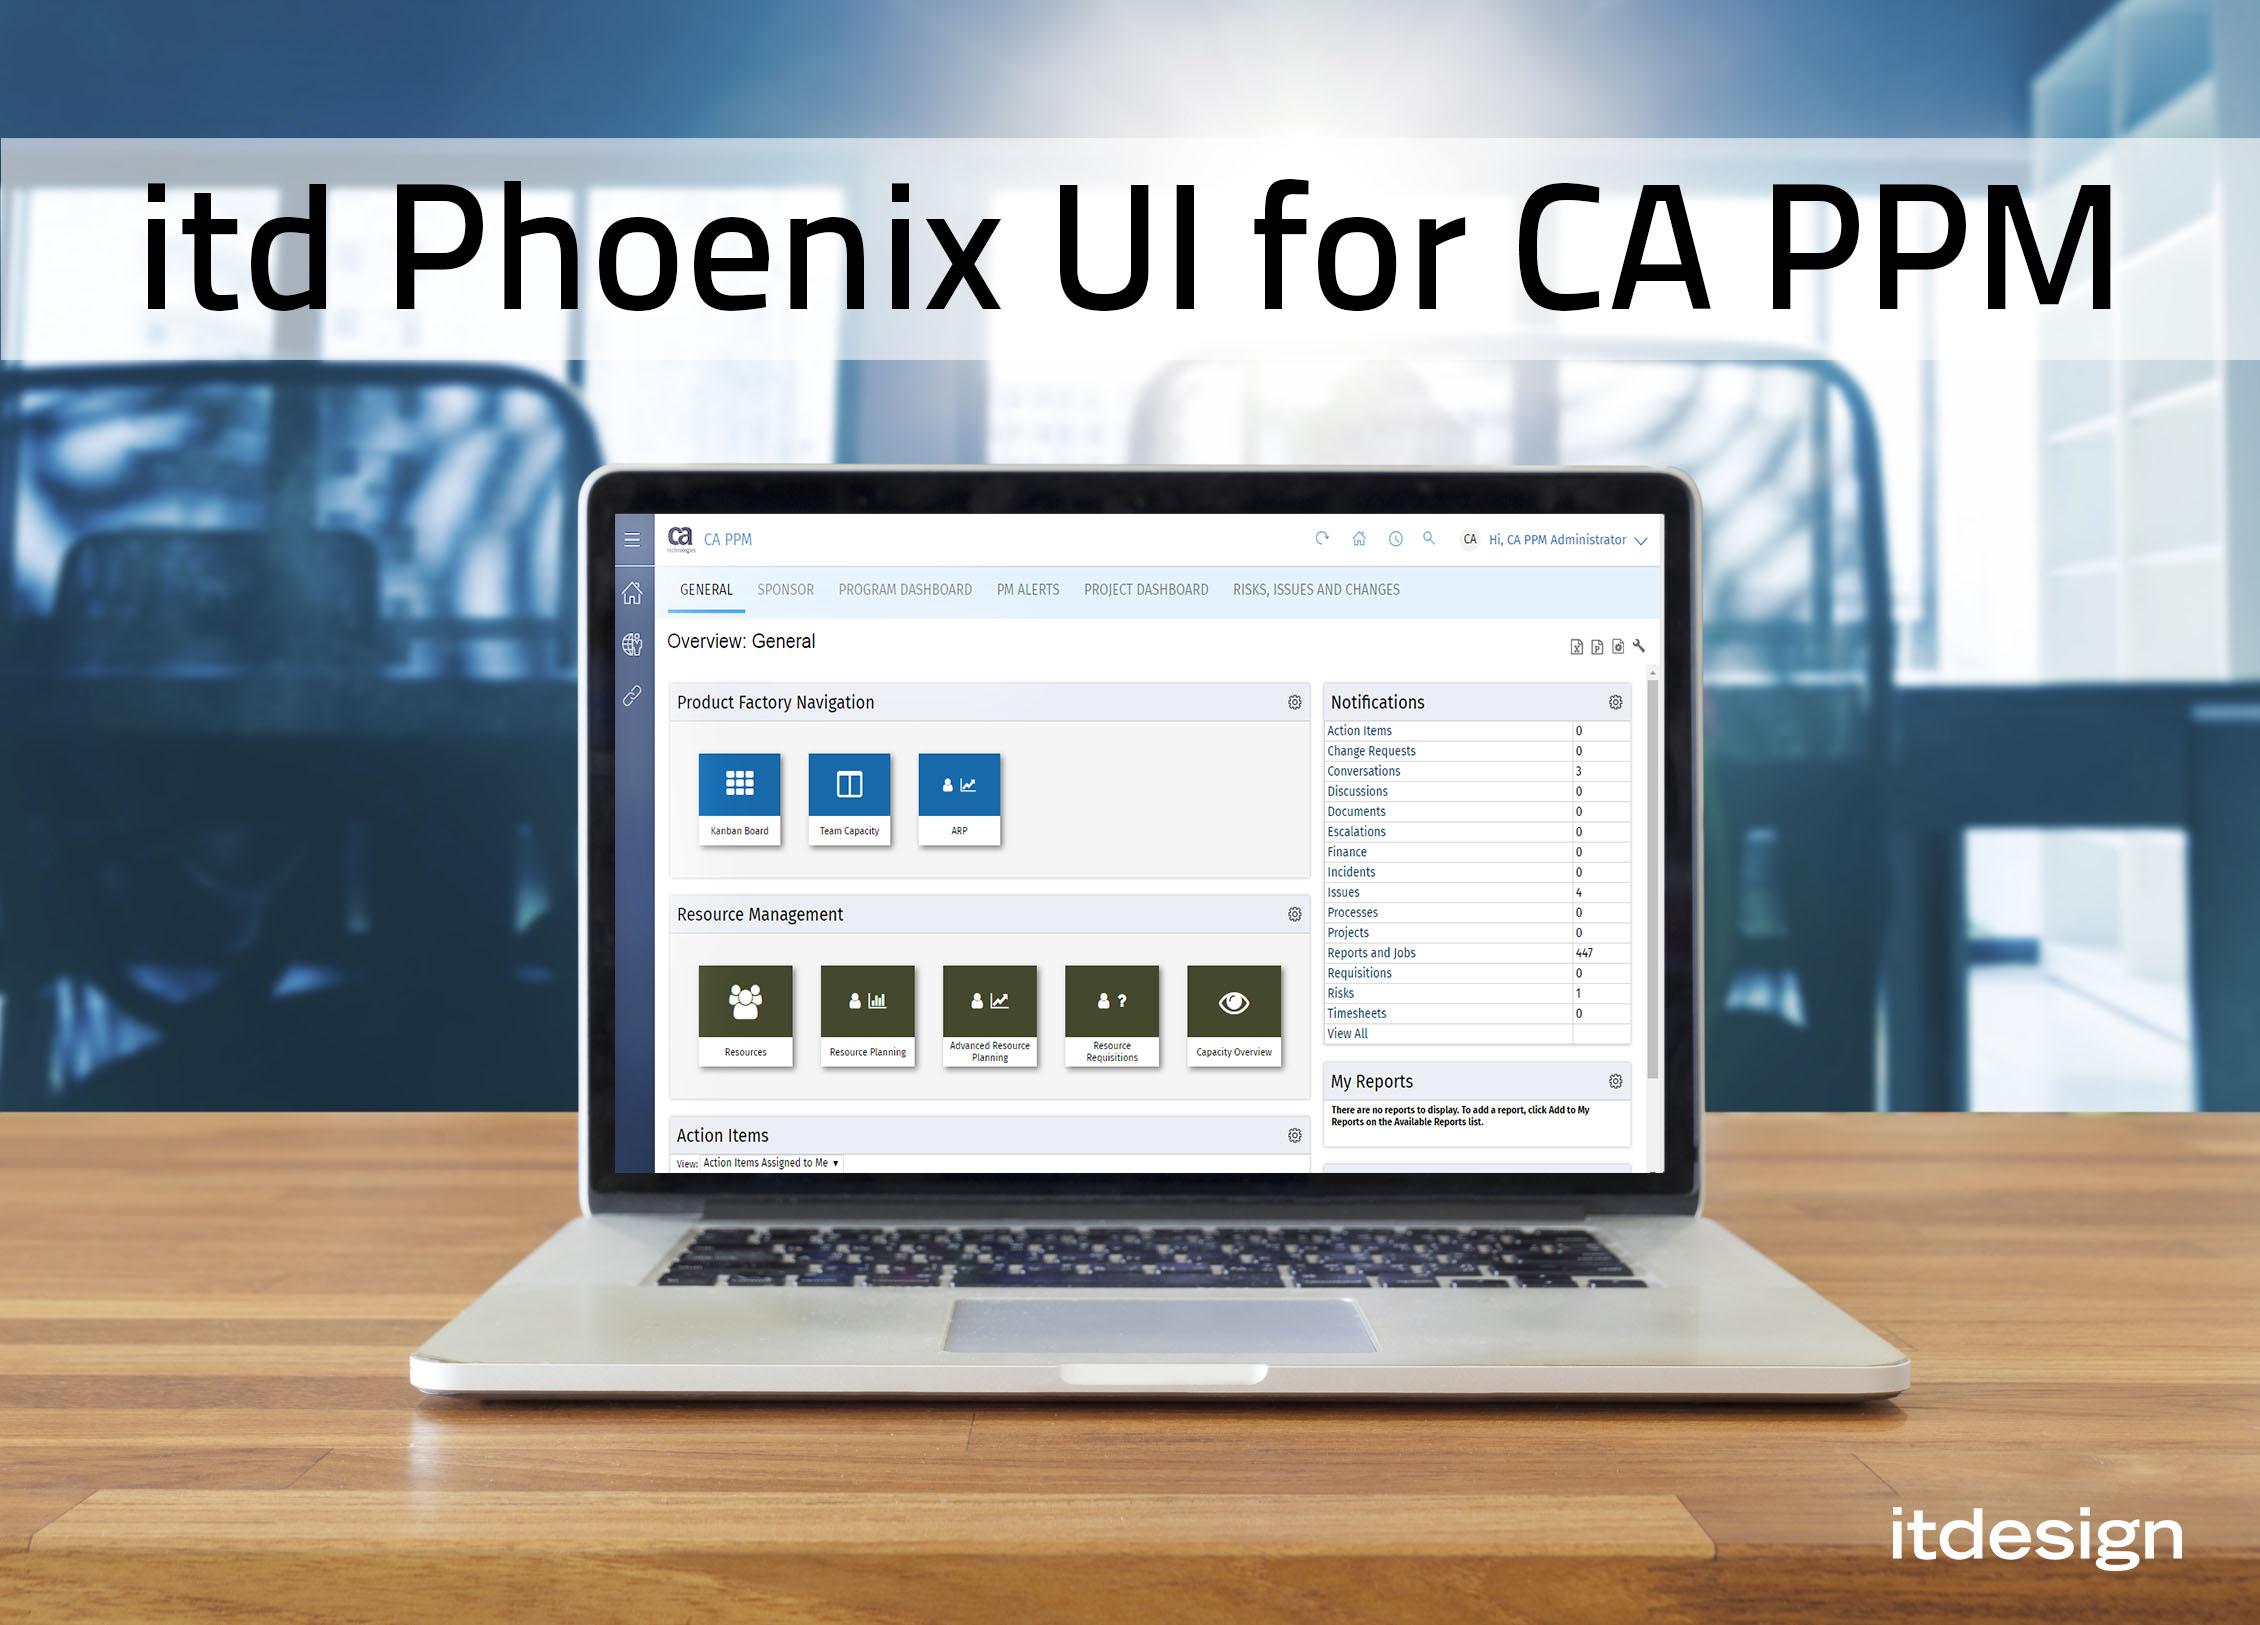 Das neue itd Phoenix UI für CA PPM ist da!